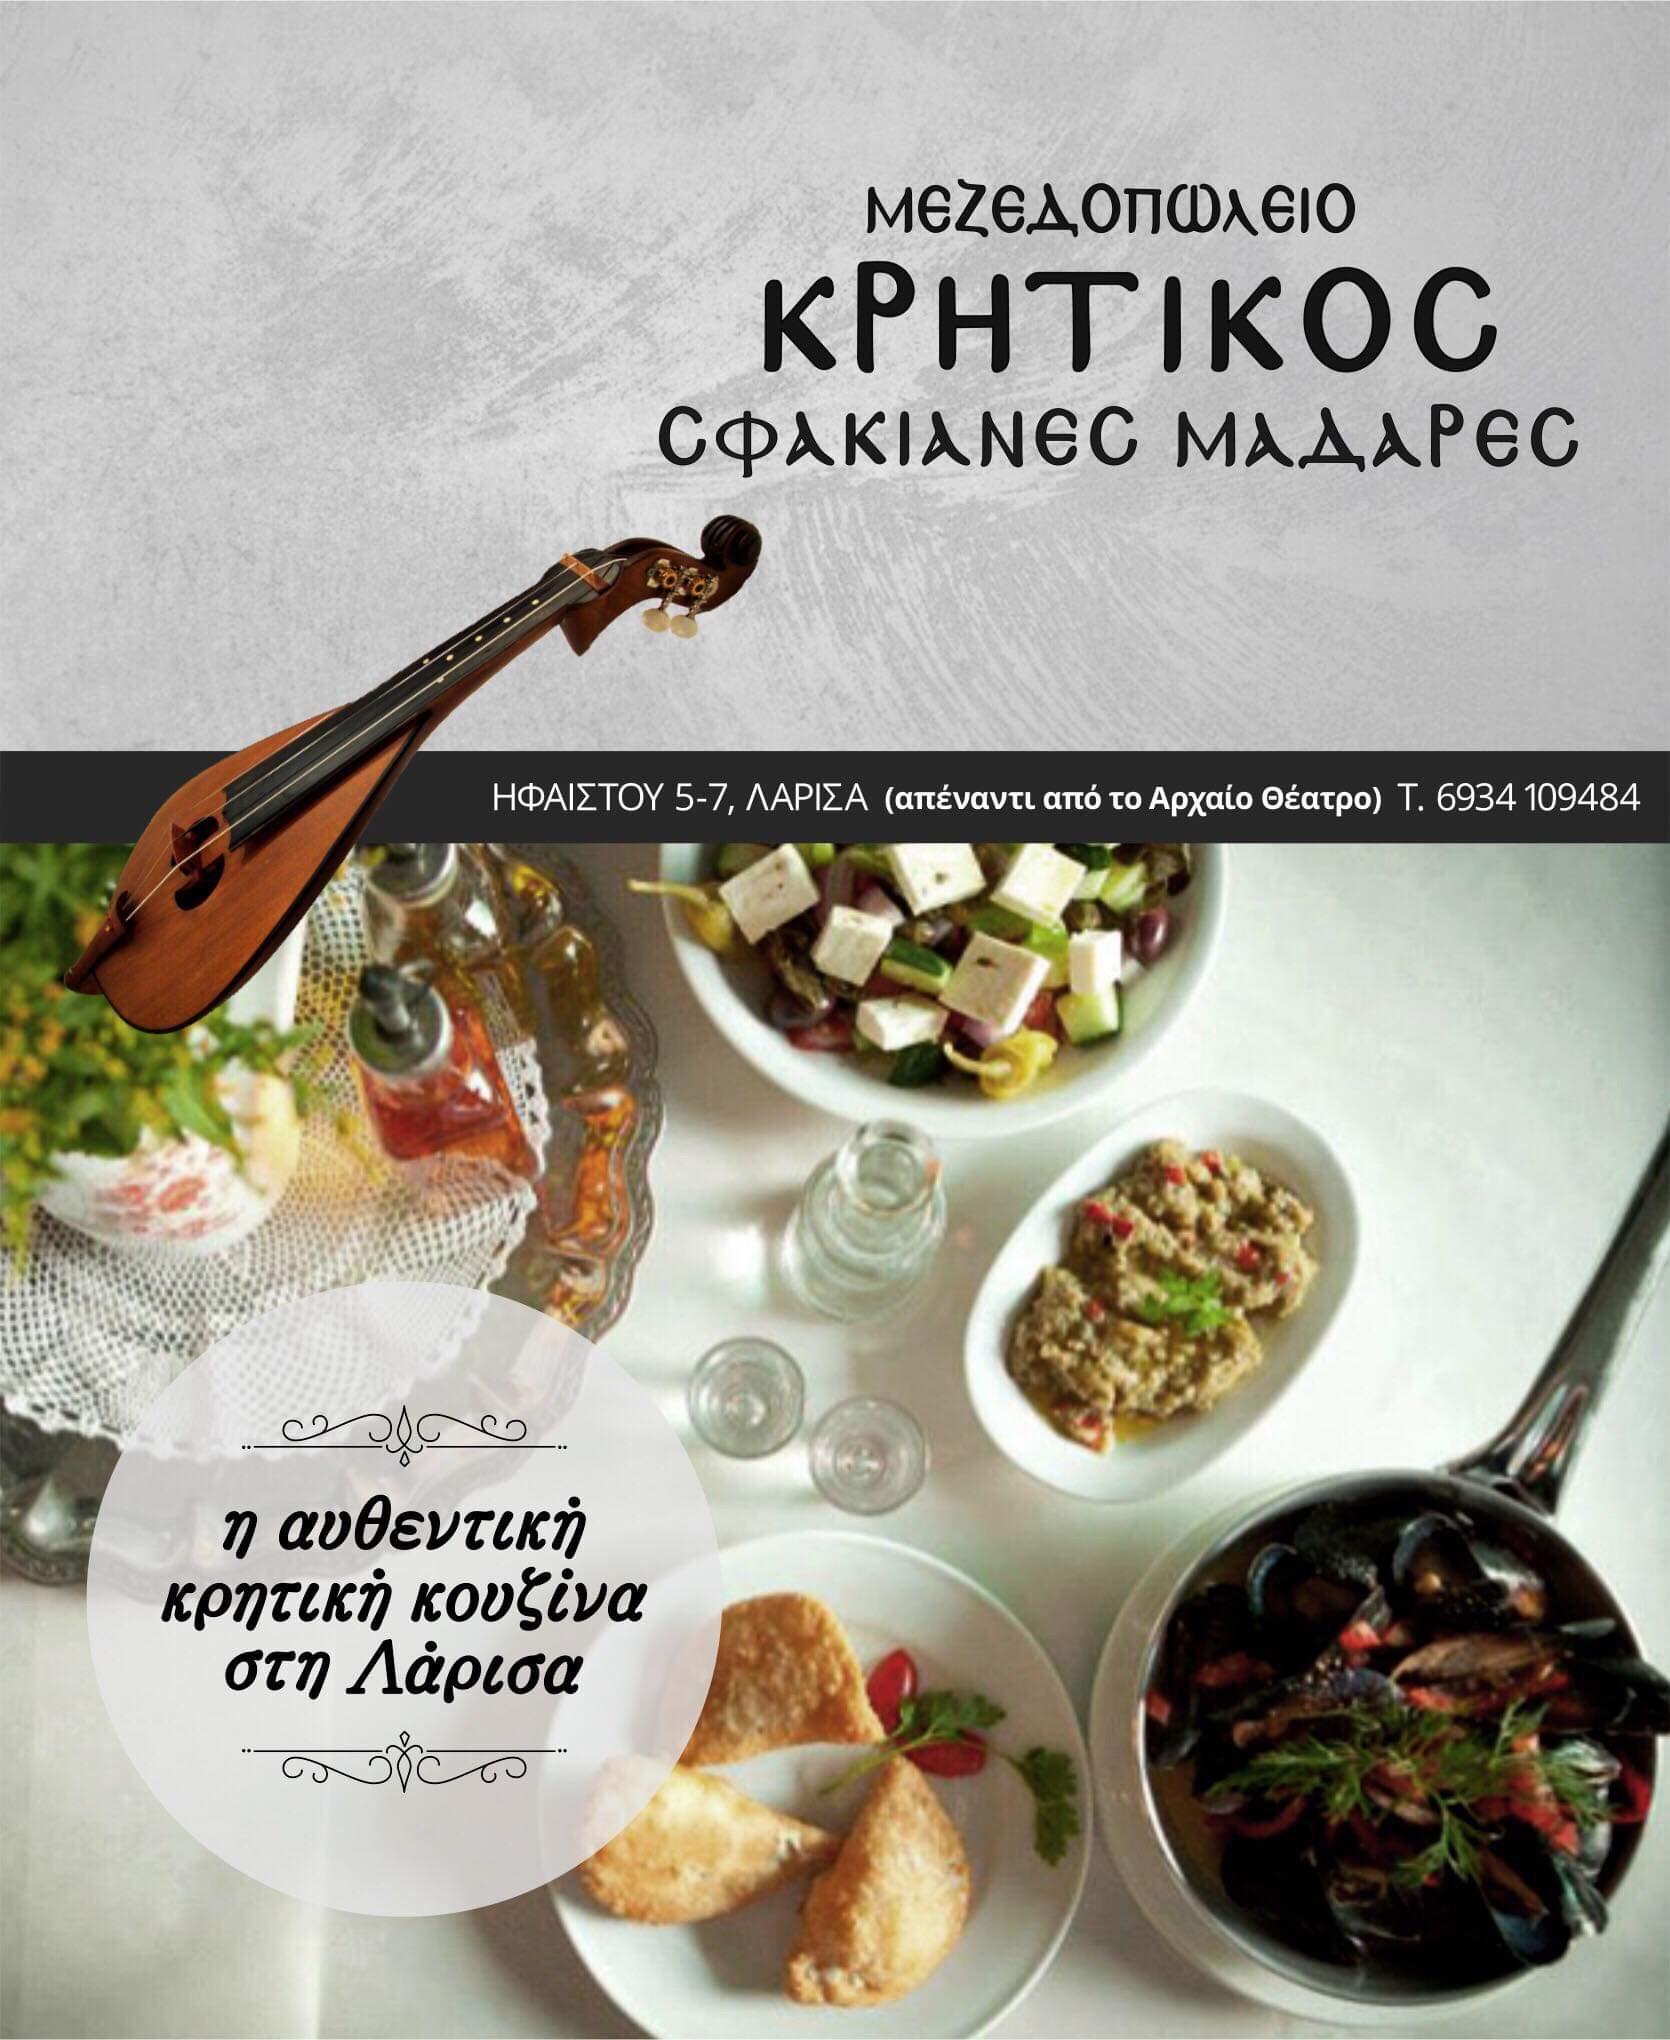 """Ταβέρνα-ρακάδικο """"Ο Κρητικός"""": Το μαγαζί με την αυθεντική κρητική κουζίνα στην πόλη της Λάρισας που εντυπωσιάζει!"""